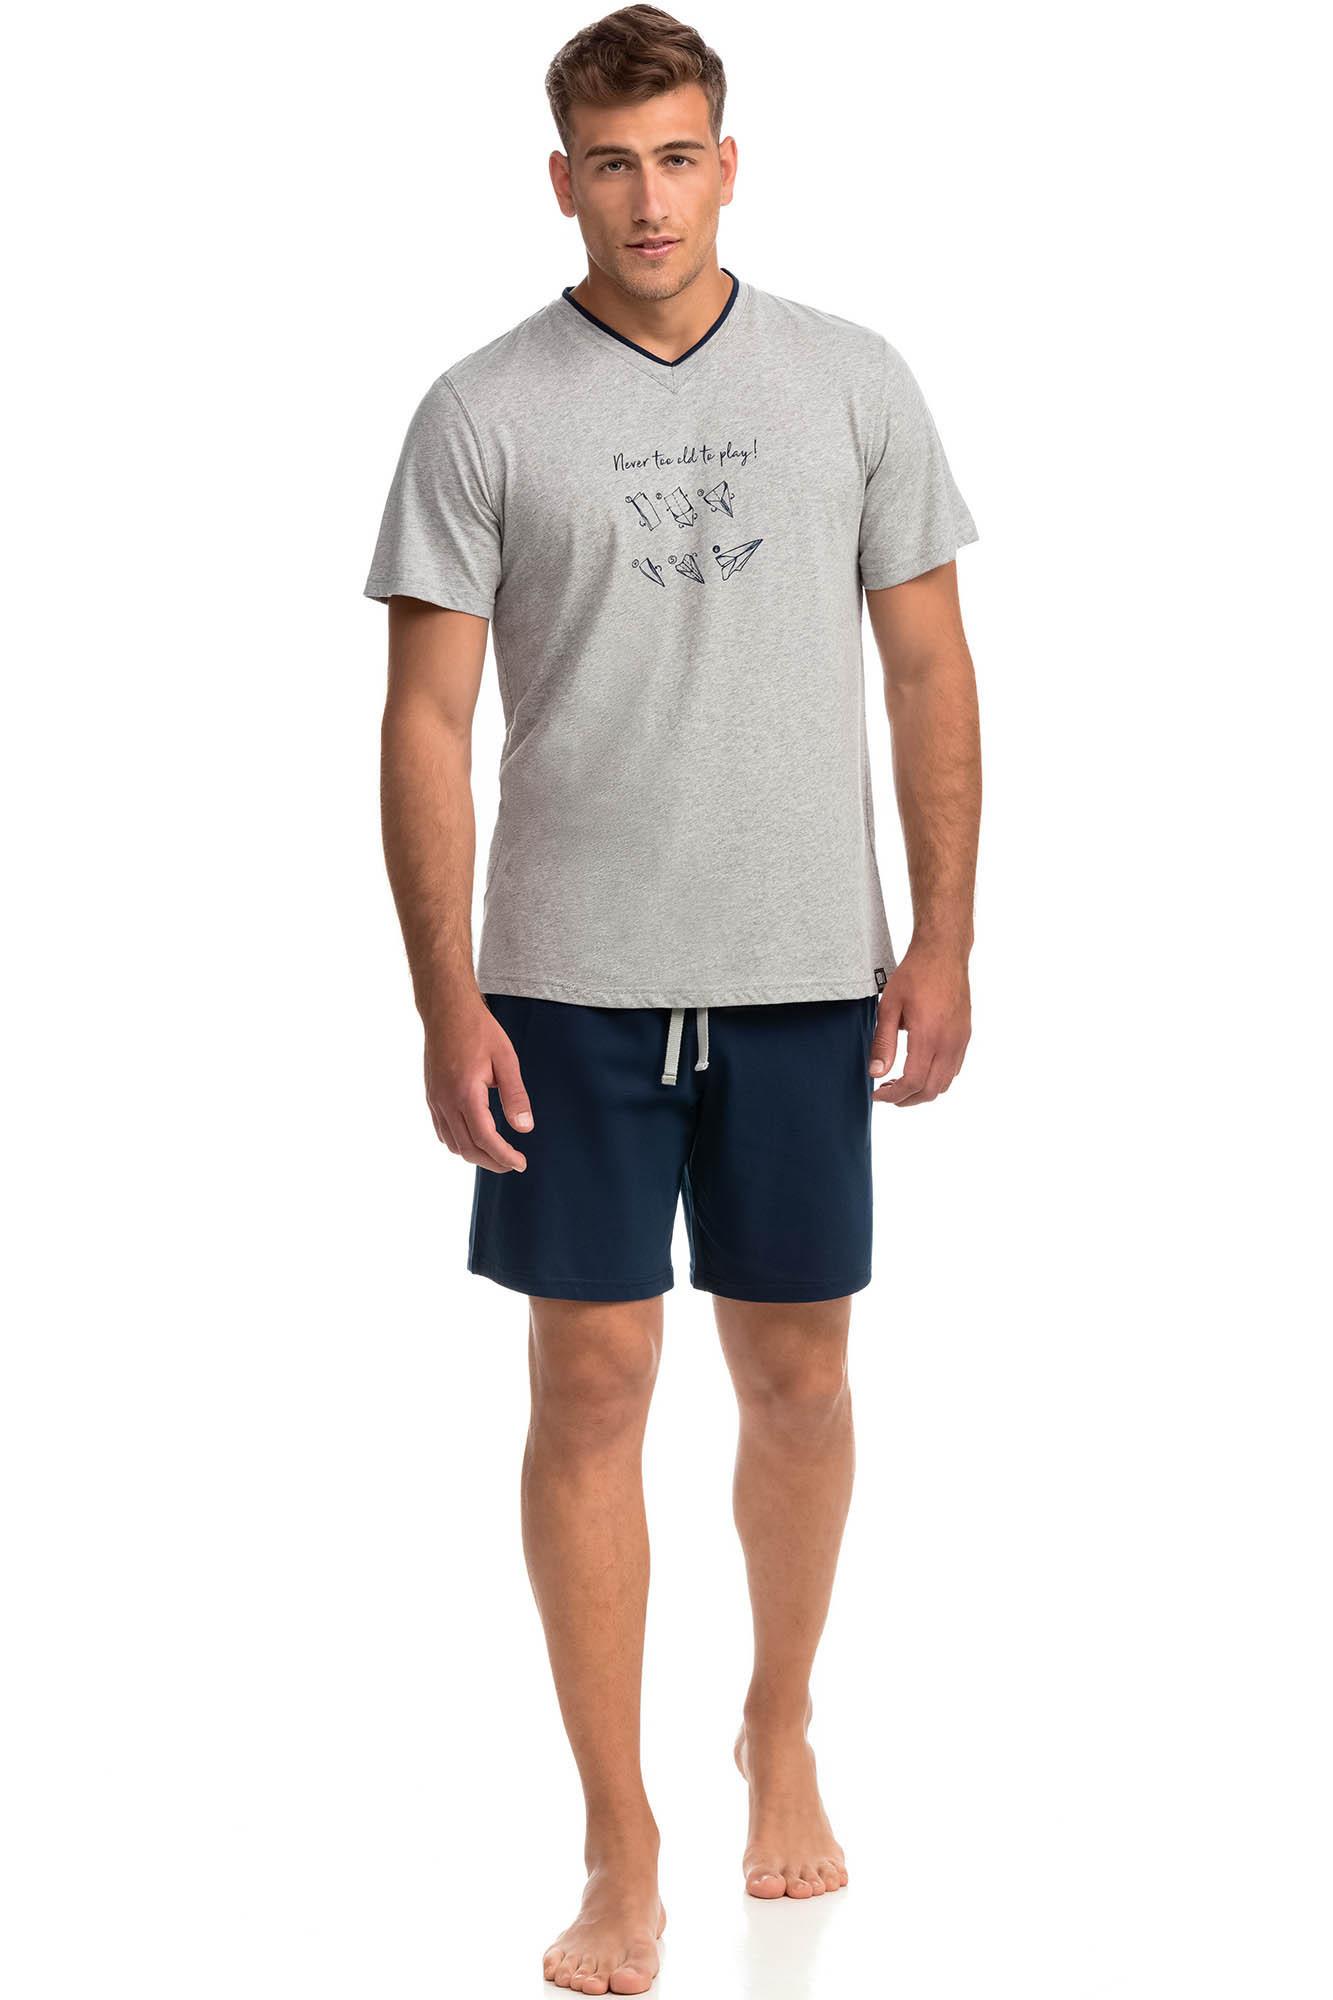 Vamp - Pohodlné dvojdielne pánske pyžamo 14750 - Vamp gray melange xxl